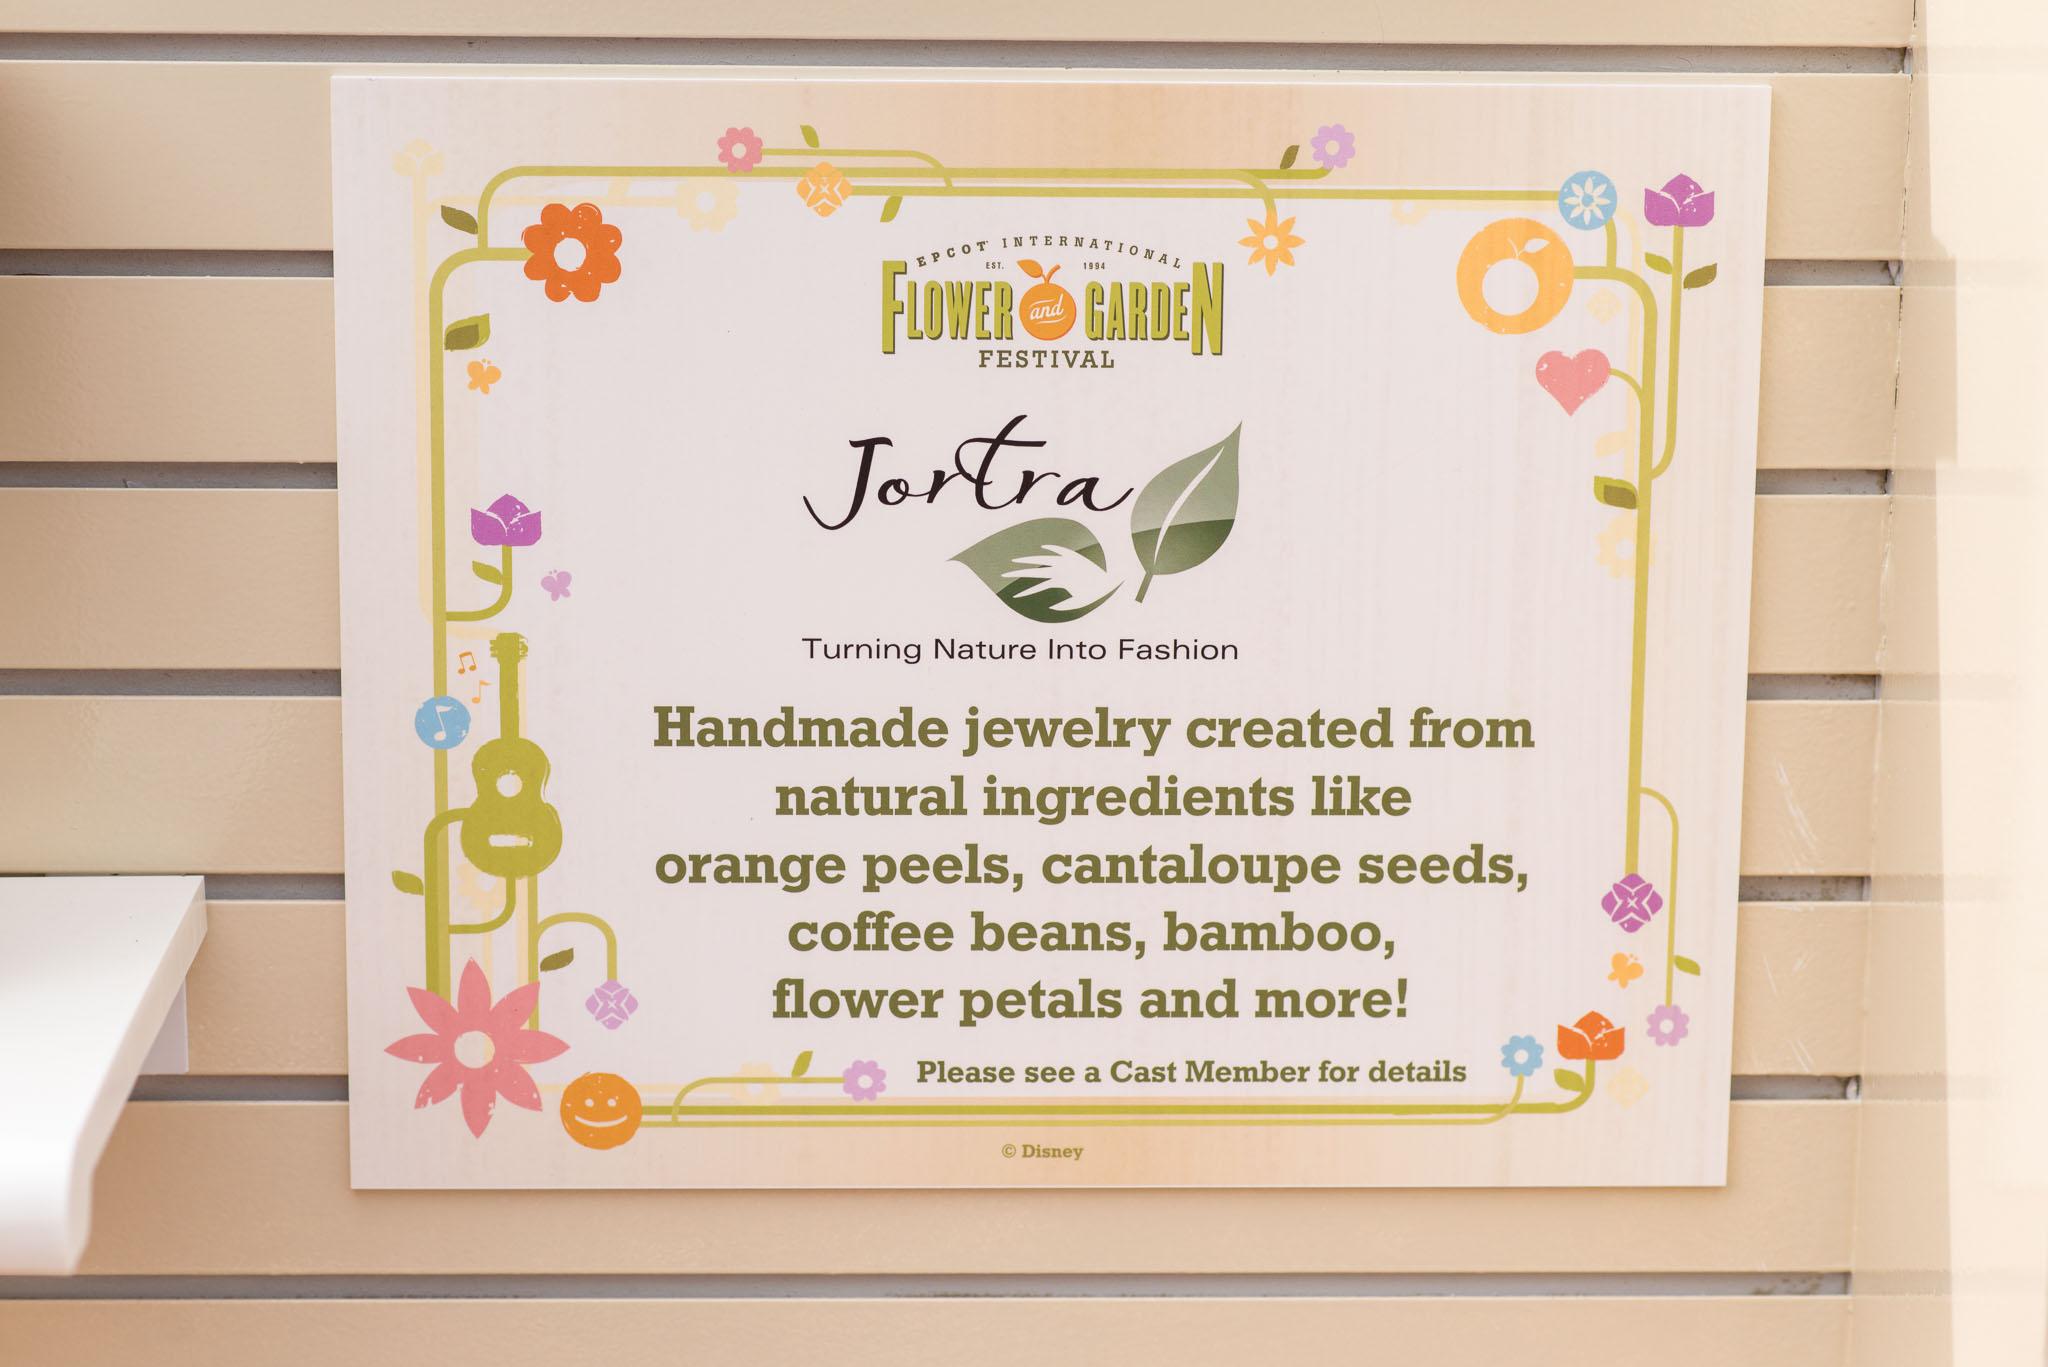 Jortra Jewelry - Epcot Flower & Garden Festival 2016